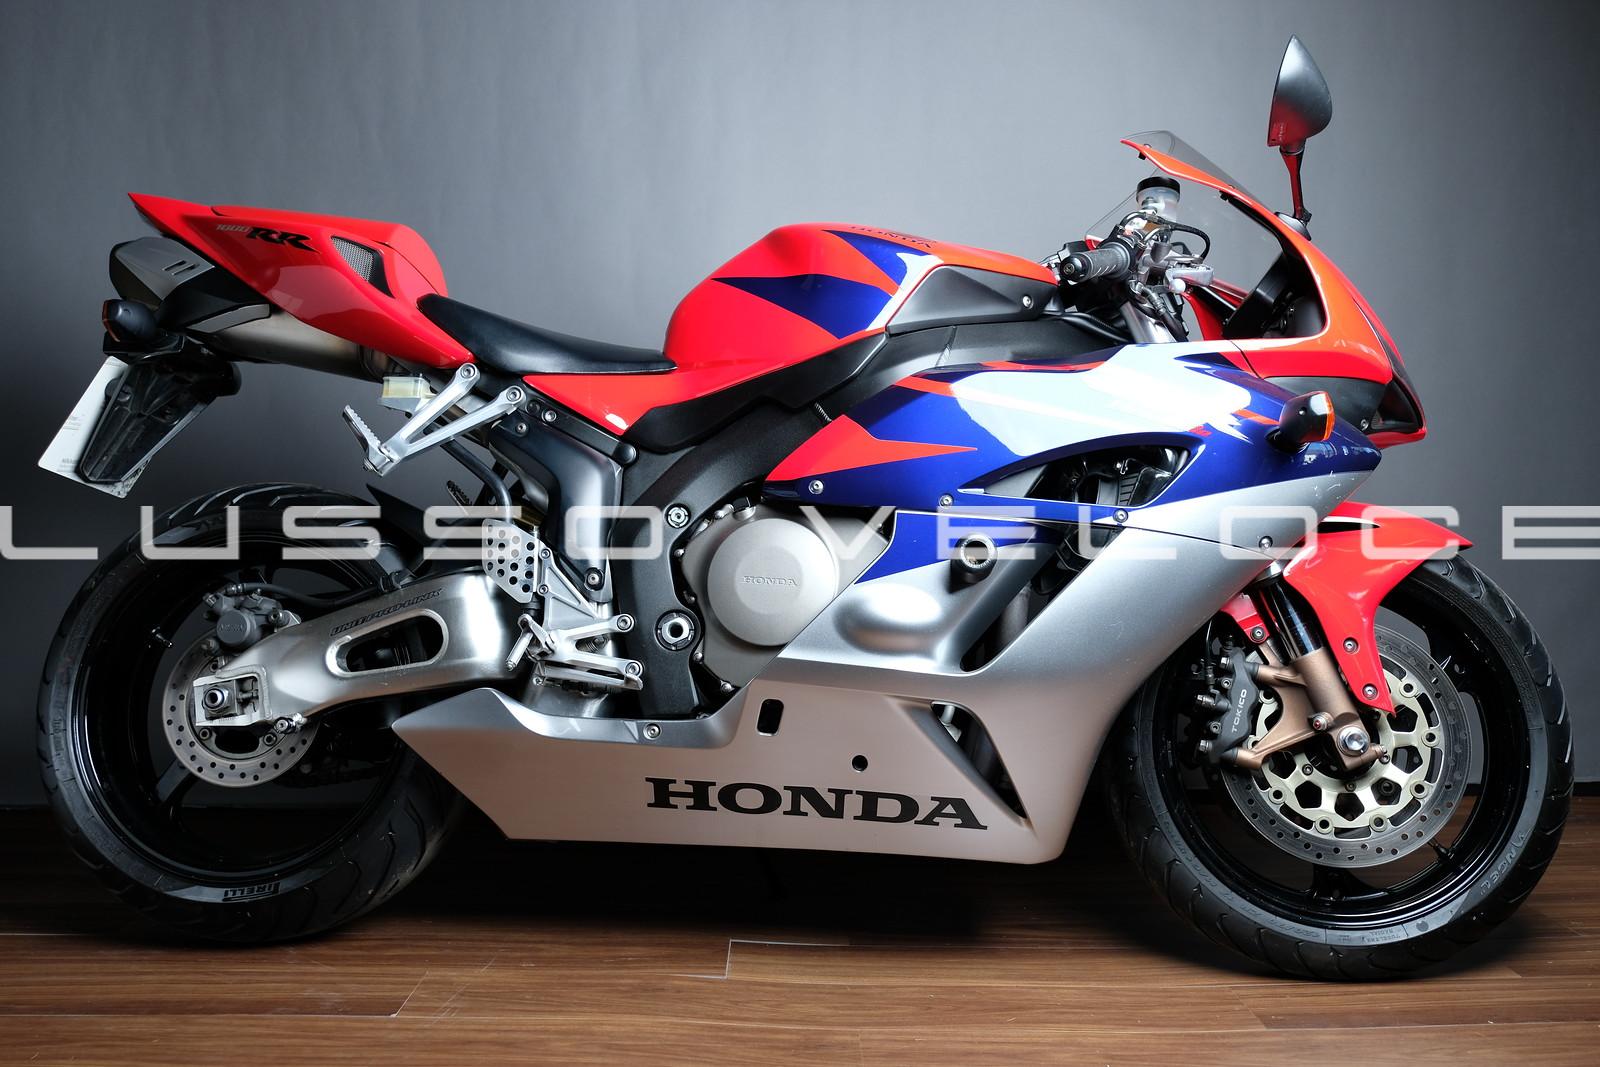 Honda CBR 1000 RR RR5 2005 Fireblade